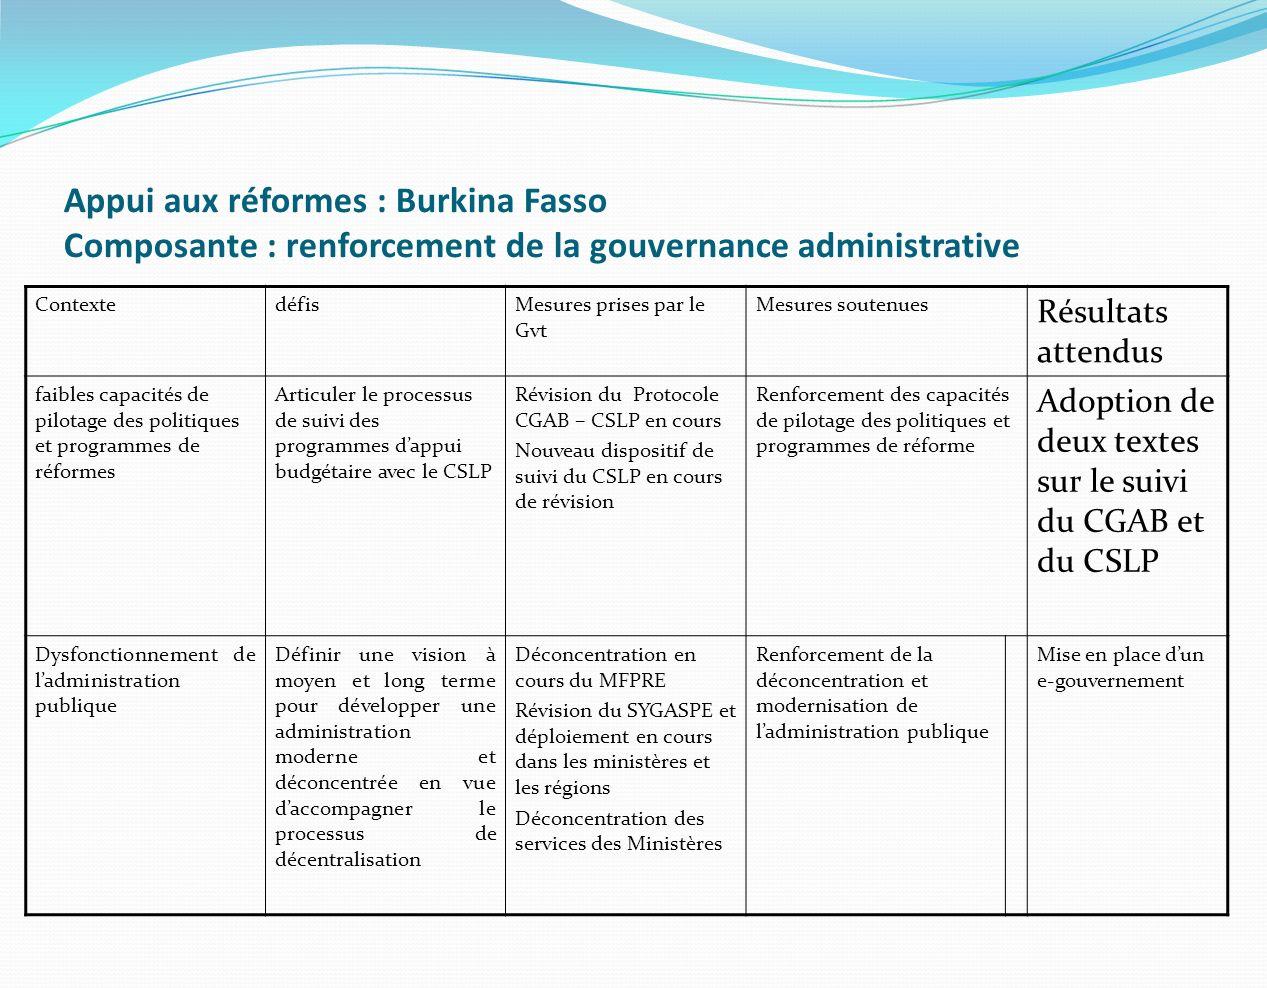 Appui aux réformes : Burkina Fasso Composante : renforcement de la gouvernance administrative